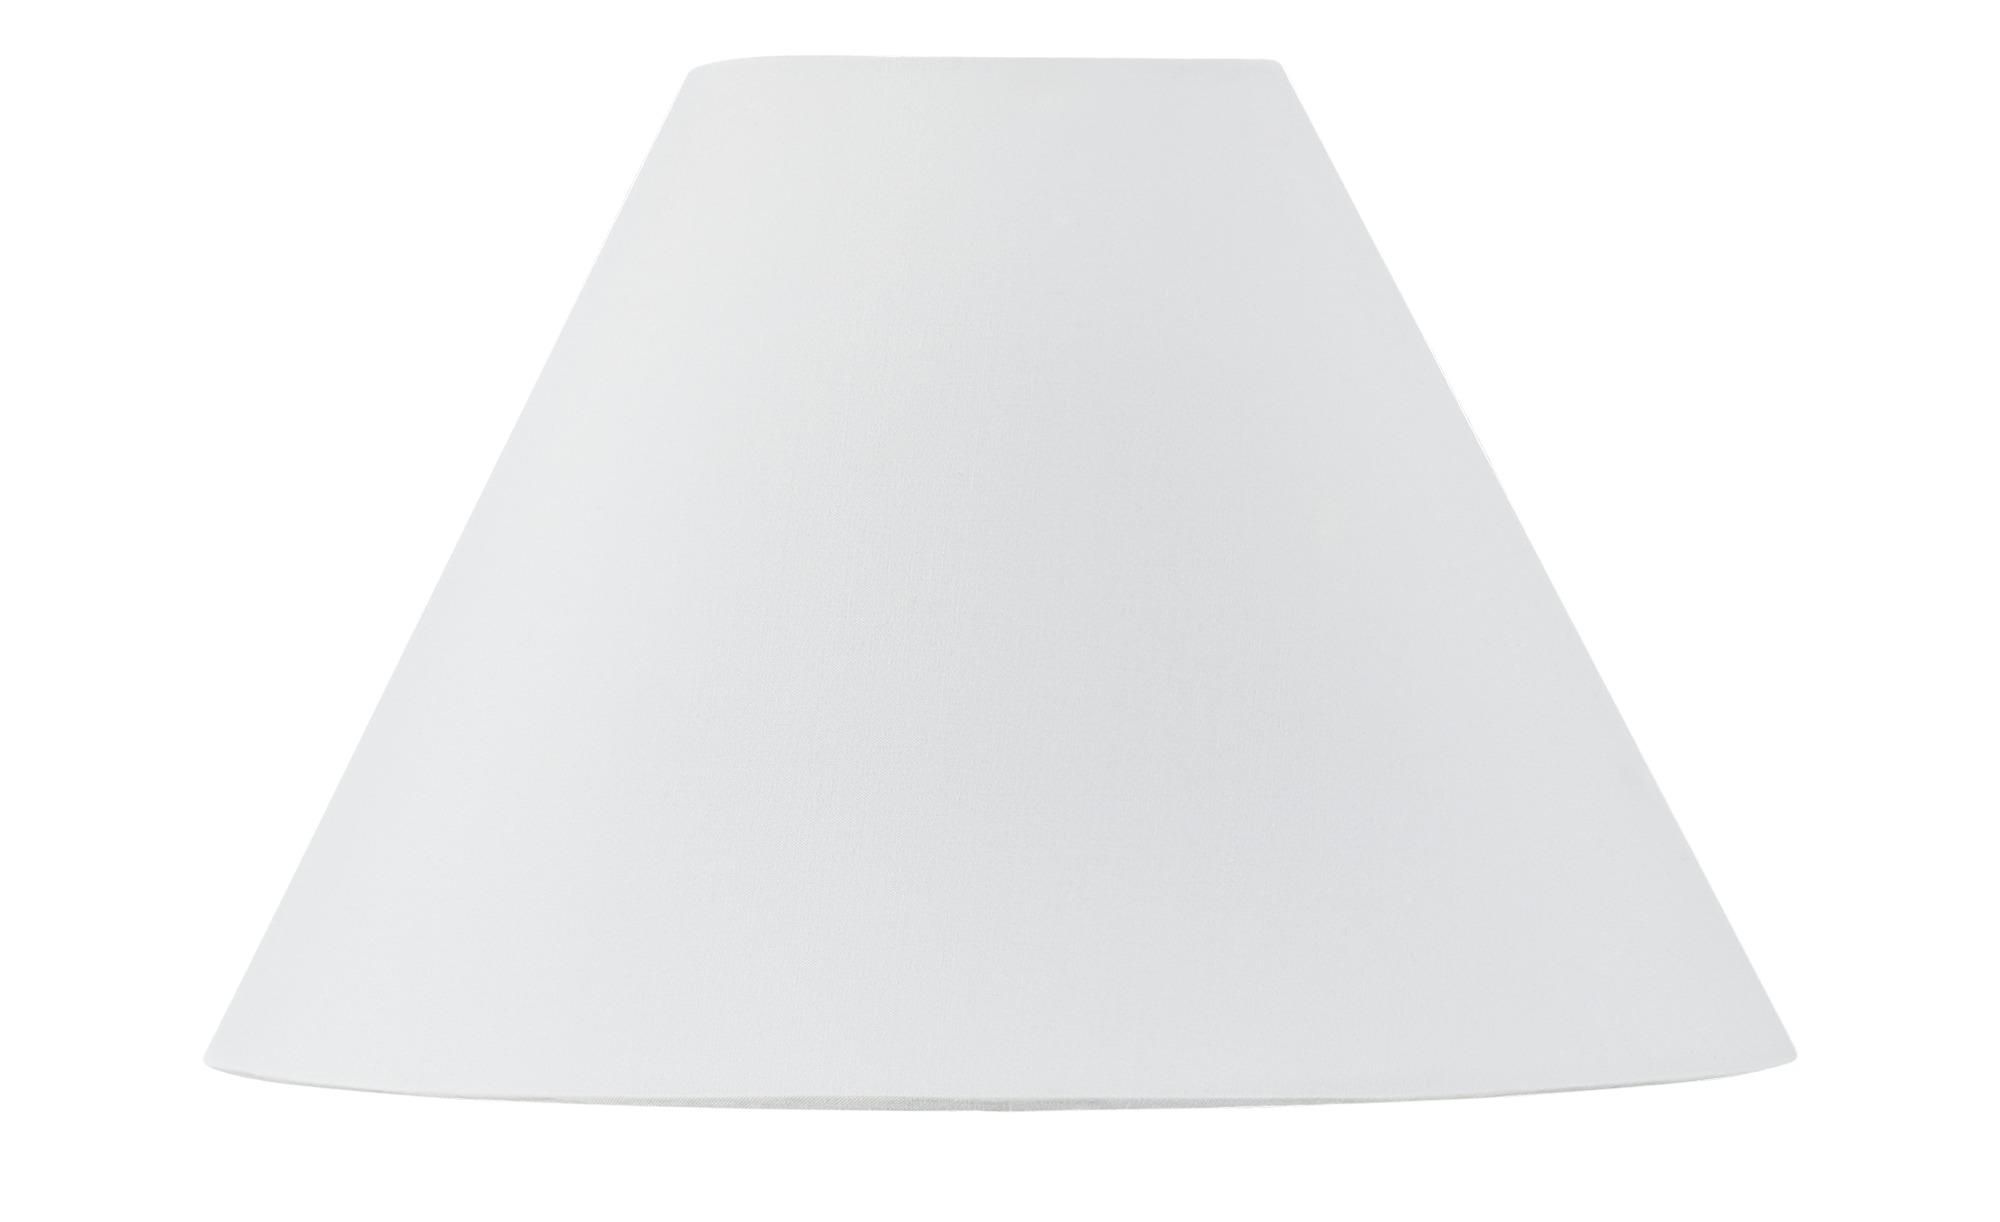 for friends Lampenschirm für Tischleuchtenfuß ¦ weiß ¦ Maße (cm): H: 15 5 Ø: 22.5 Lampen & Leuchten > Innenleuchten > Lampen Zubehör - Höffner   Lampen > Lampenschirme und Füsse   Möbel Höffner DE